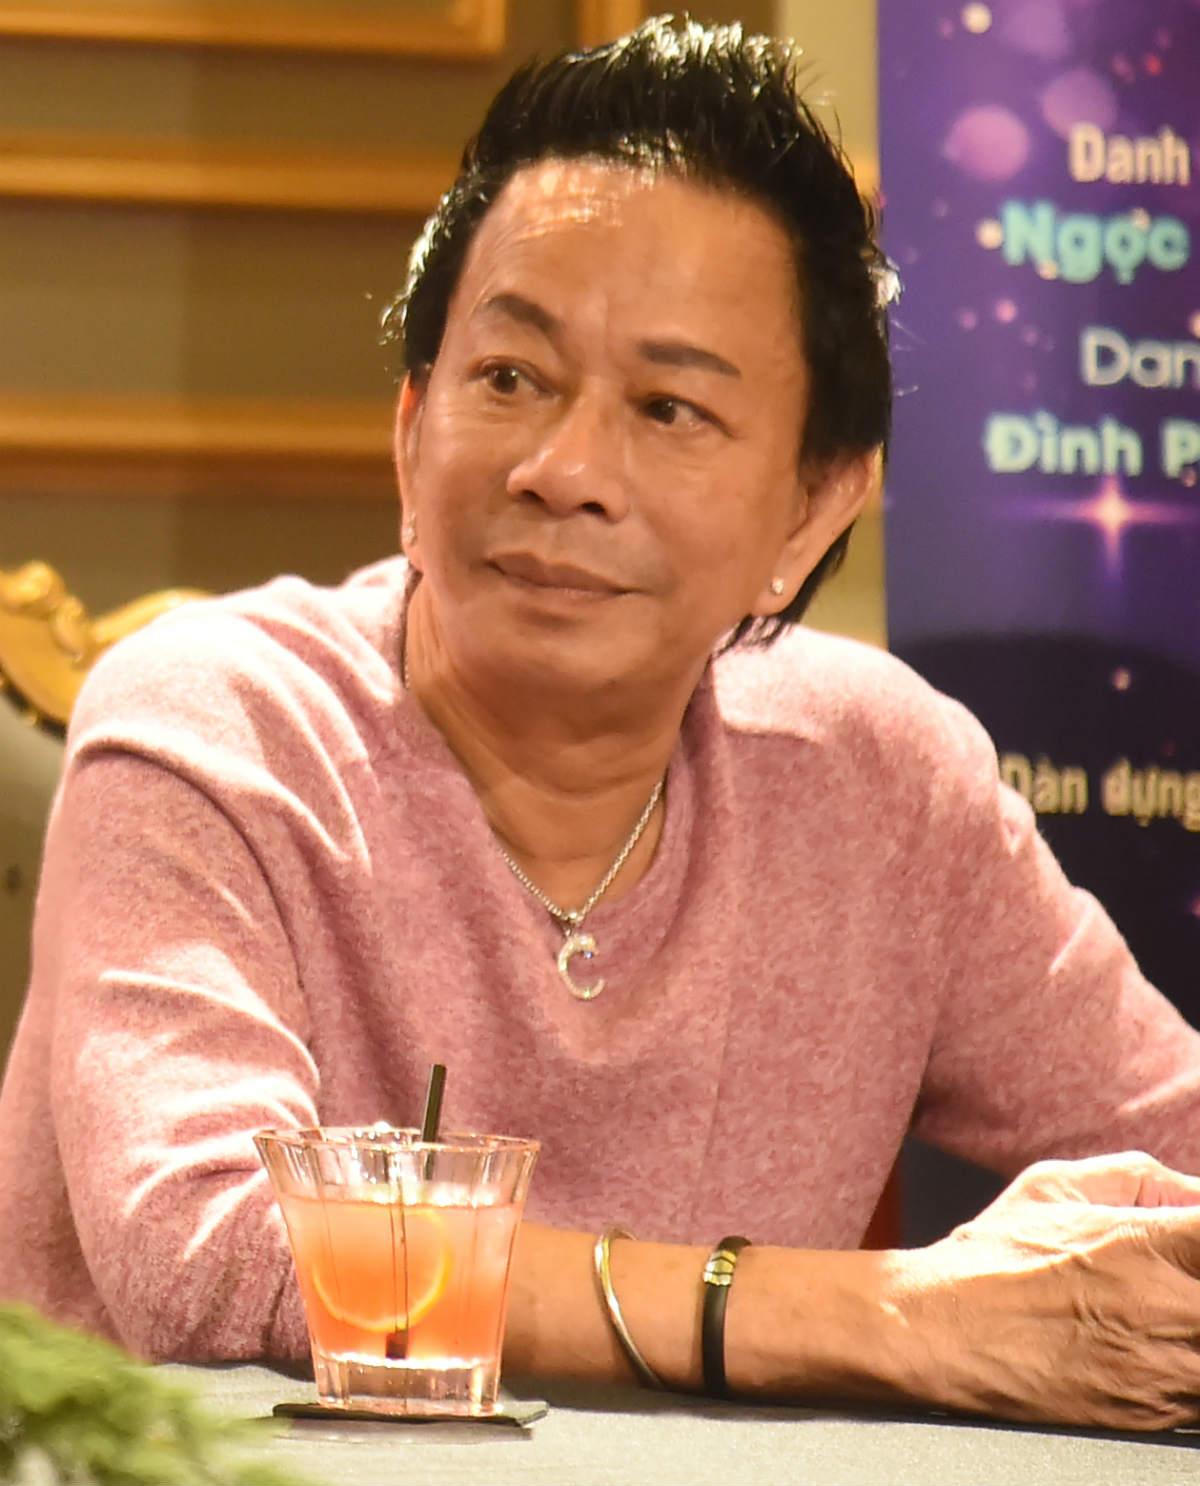 Danh hài Bảo Chung nói về tin đồn thời trẻ lắm tiền, thích chơi xe sang